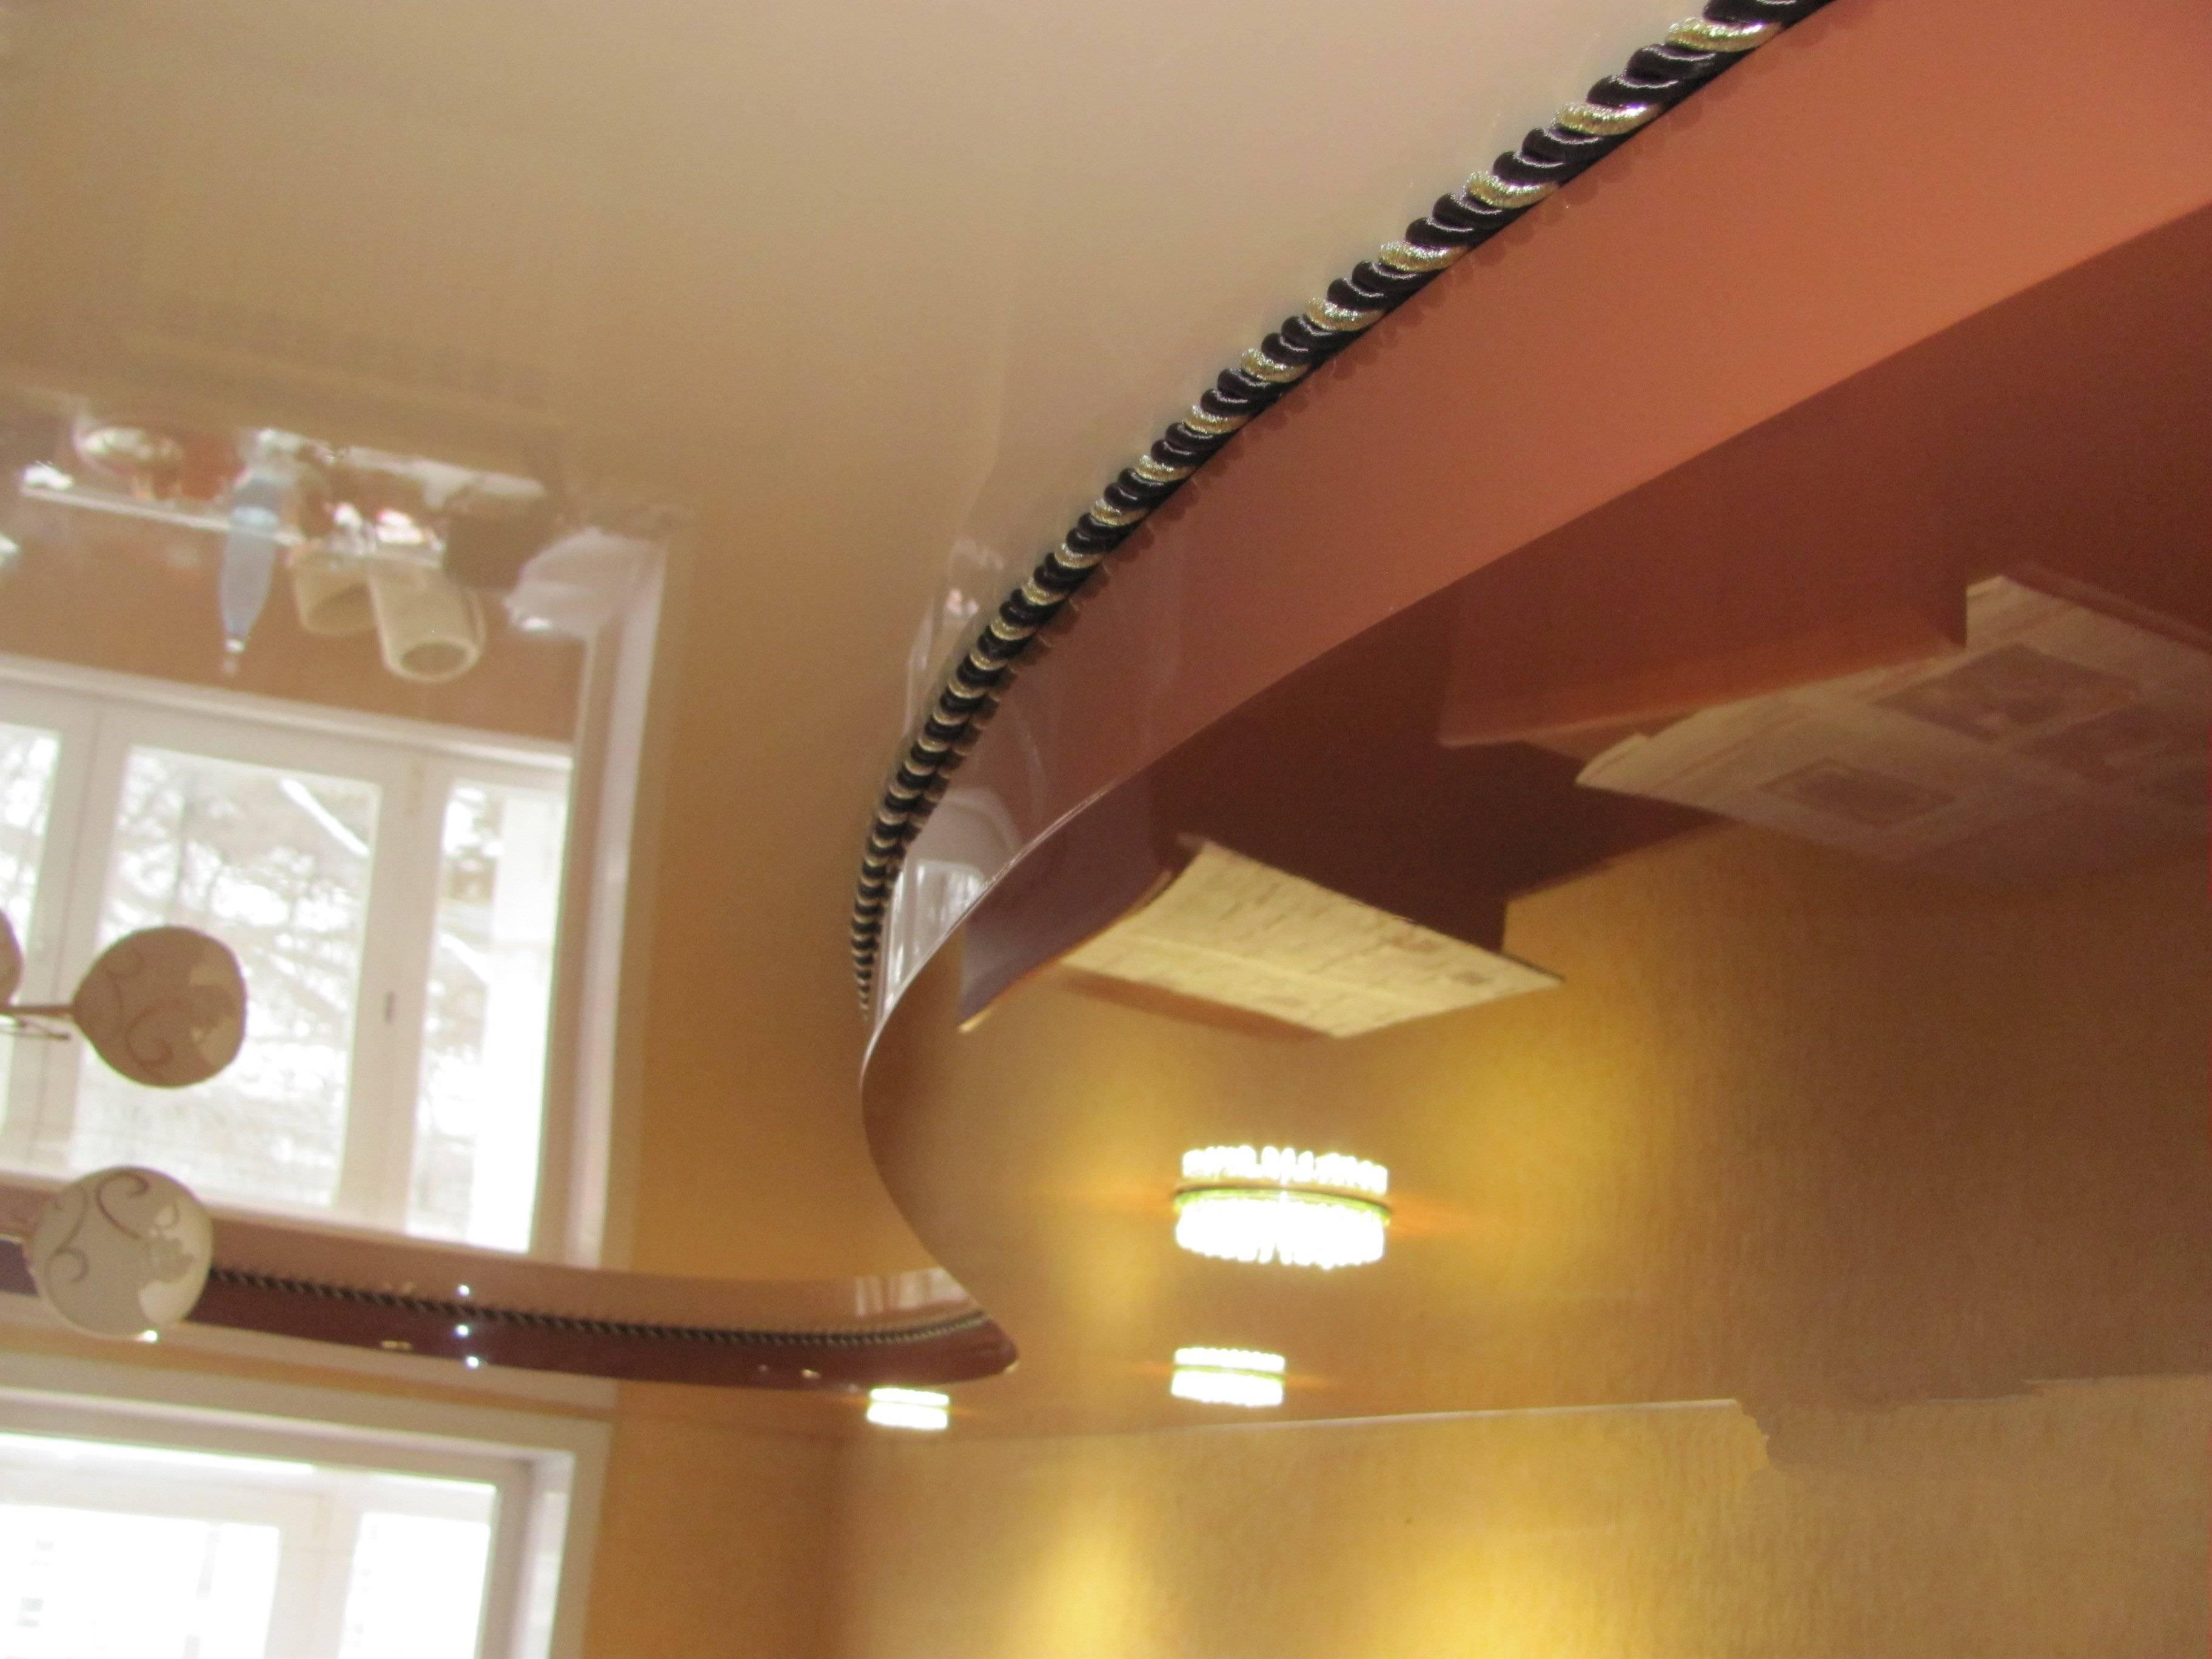 Маскировочная лента для натяжных потолков: вставка, декоративный шнур и окантовка